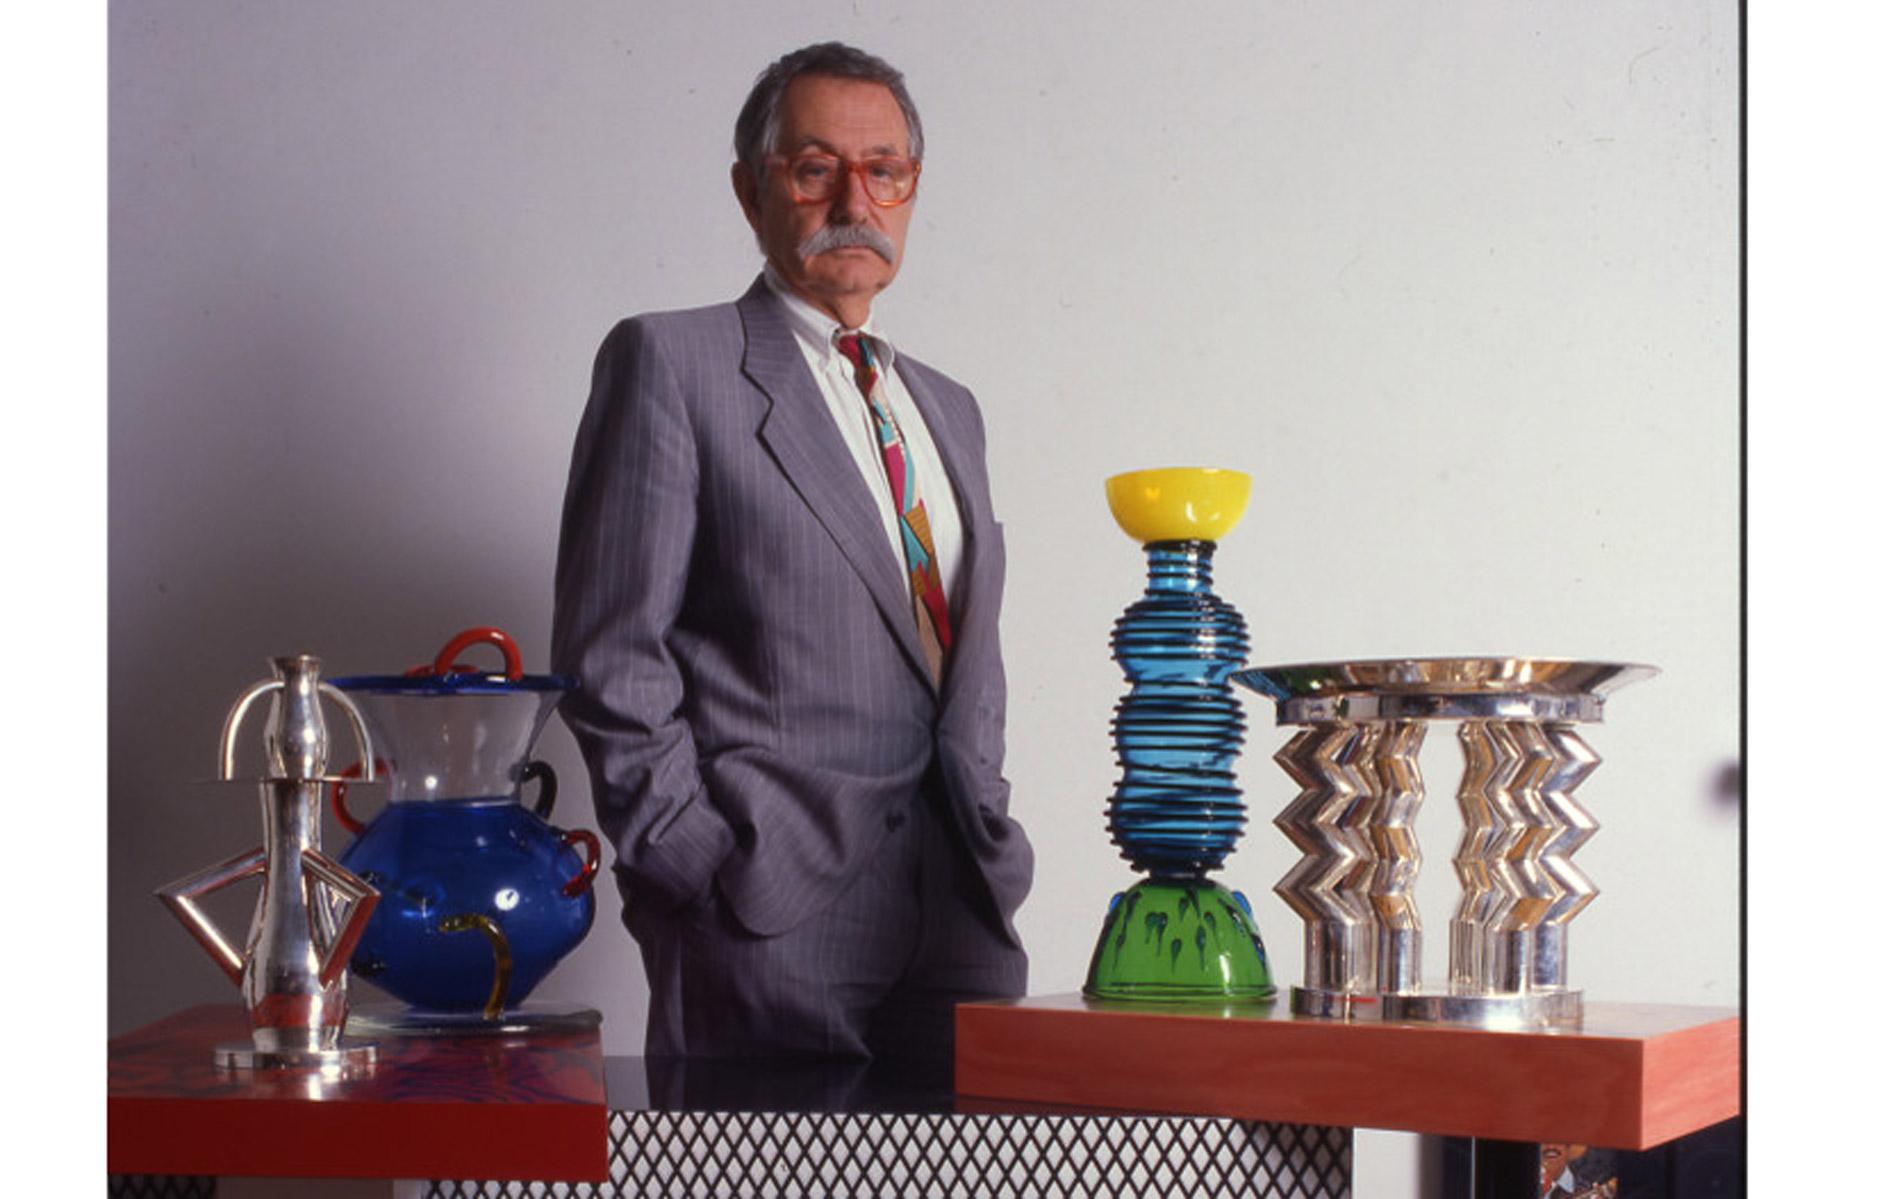 ETTORE SOTTSASS - Italian Architect and Designer - Portraits Exhibition - © Graziano Villa